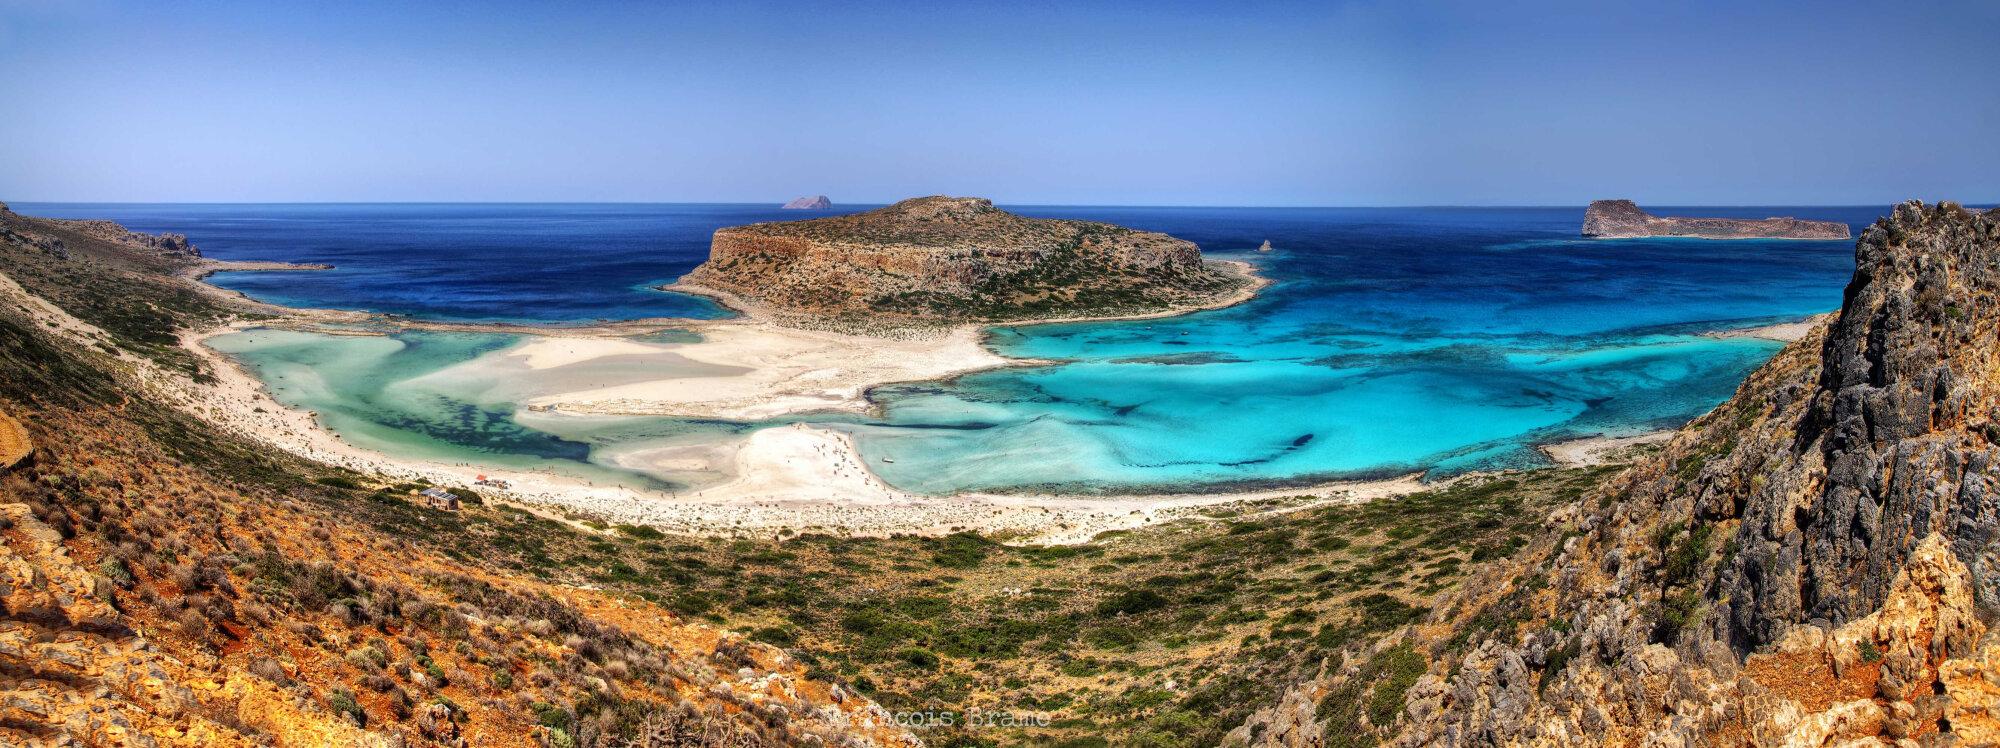 L'îlot du bout du monde